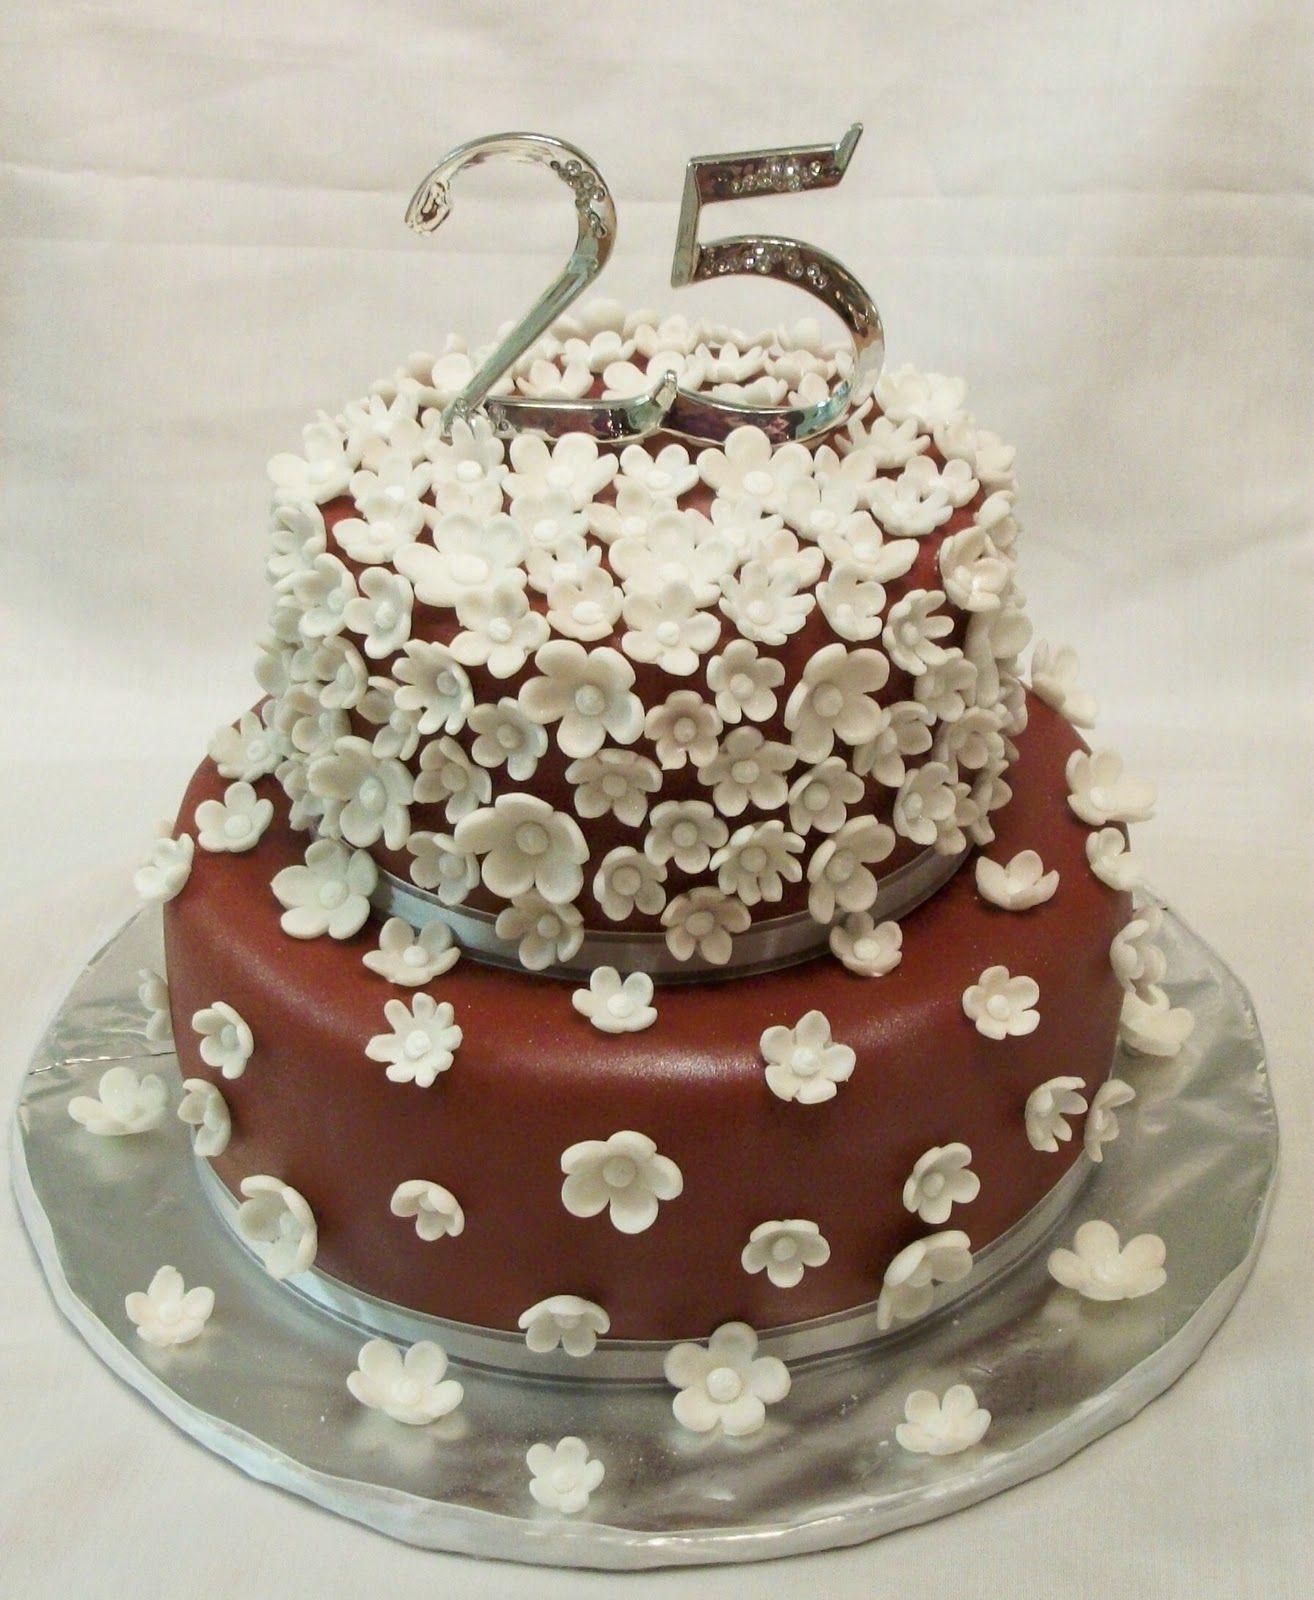 25th Anniversary Cake 25th Wedding Anniversary Cakes 25th Birthday Cakes Wedding Anniversary Cakes